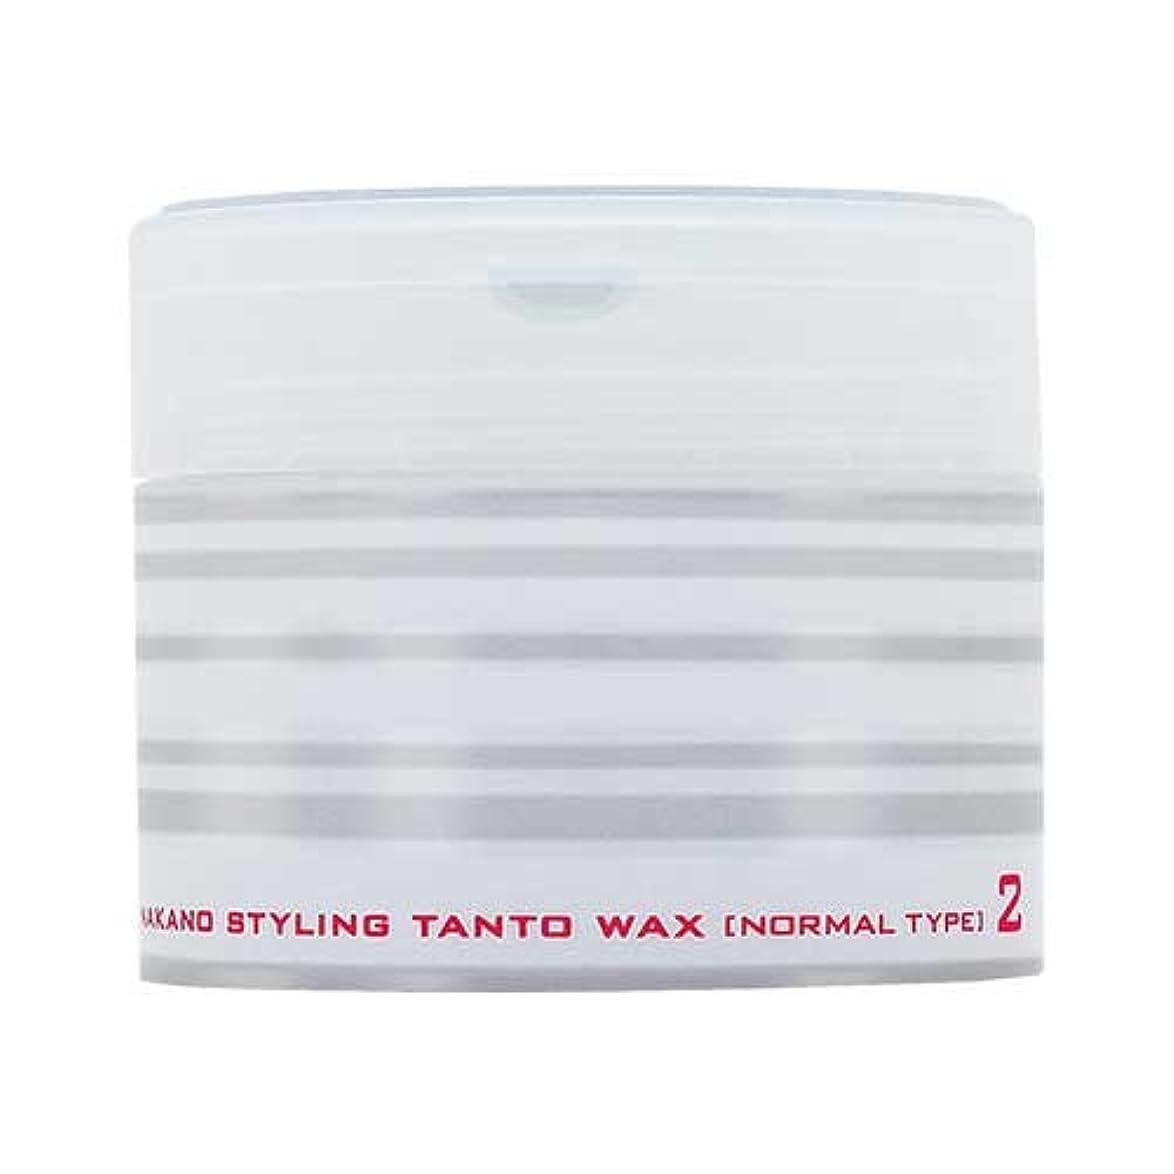 剥離伝染病子犬ナカノ スタイリング タントN ワックス 2 ノーマルタイプ 90g 中野製薬 NAKANO